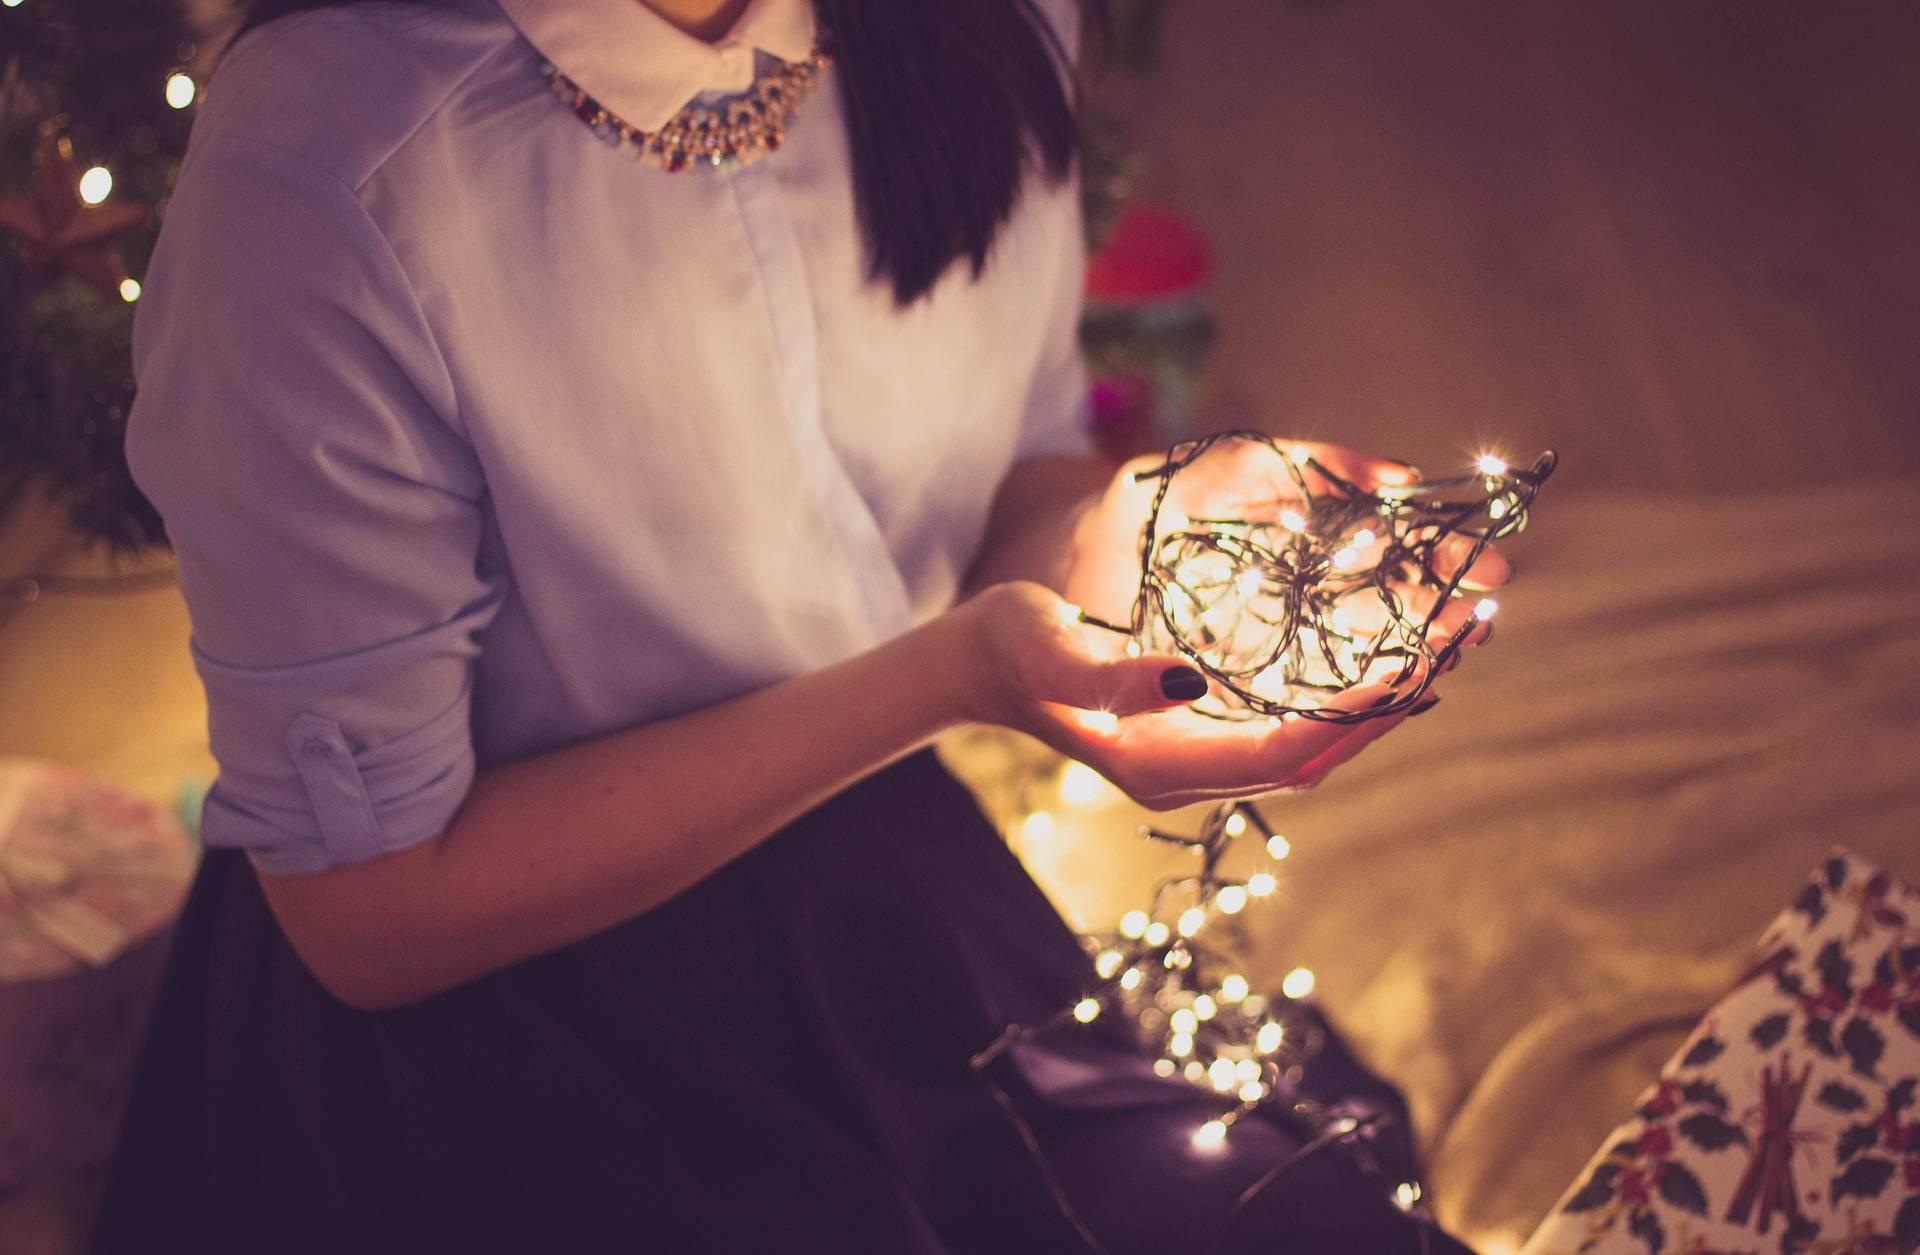 Исполнение желаний: сильные молитвы, заговоры и ритуалы